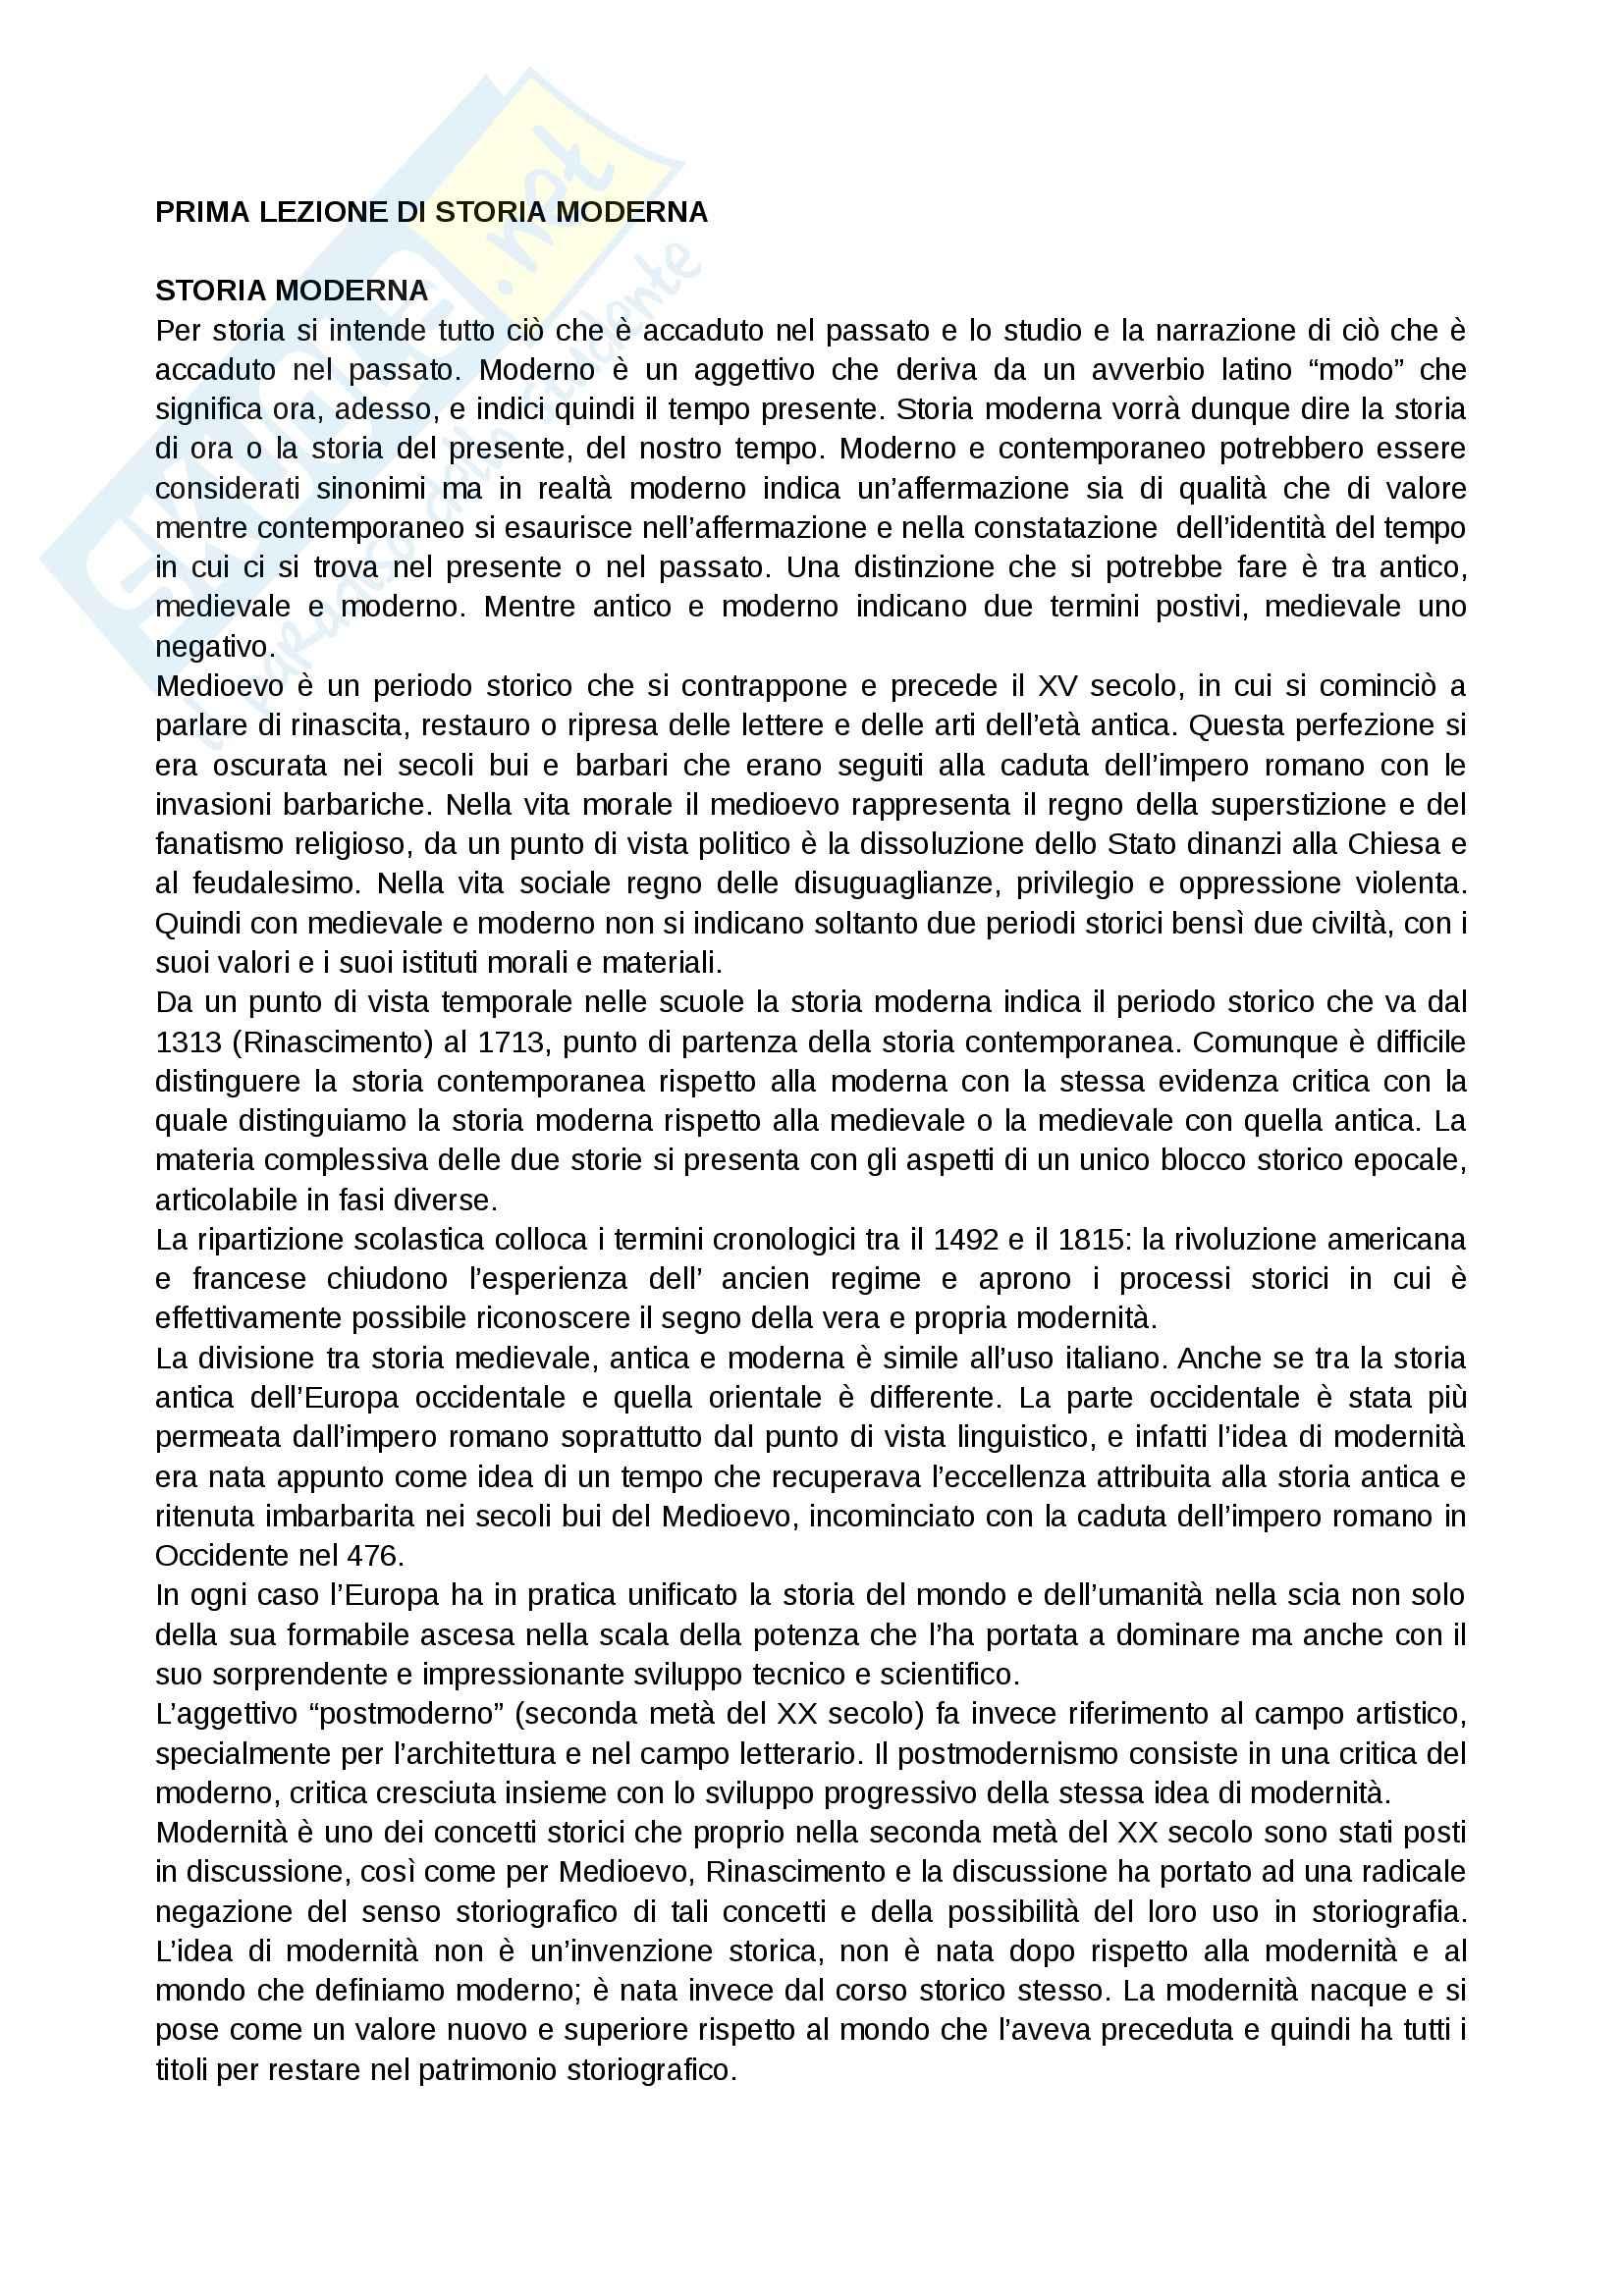 Riassunto esame storia moderna, prof. Salvemini, libro consigliato Prima lezione di storia moderna, Galasso